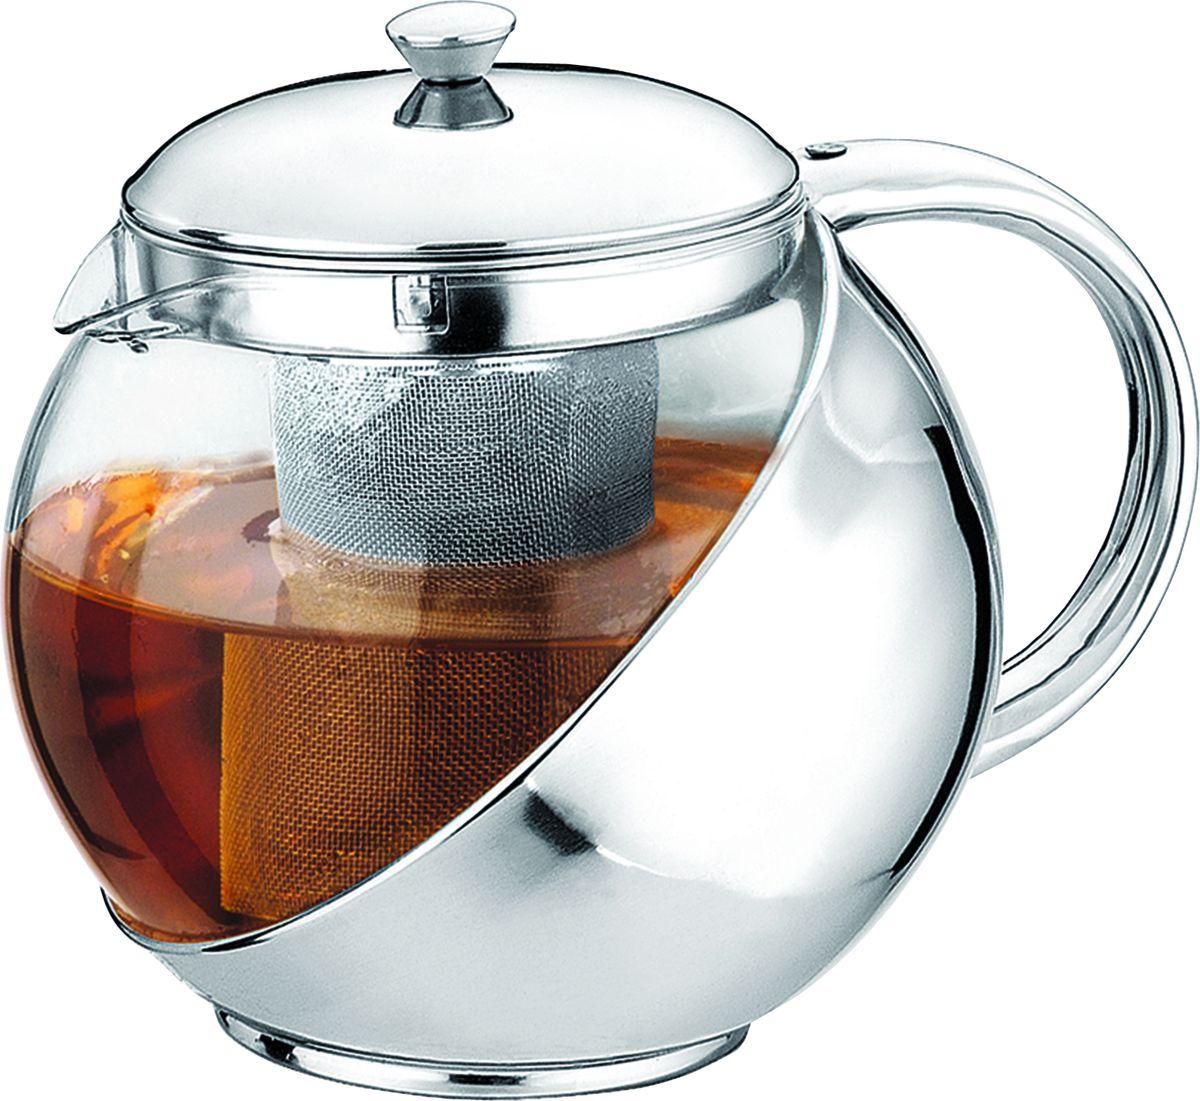 Чайник заварочный Irit, цвет: серебристый, 0,9 л чайник заварочный irit amp 100 2200 вт белый 1 7 л пластик